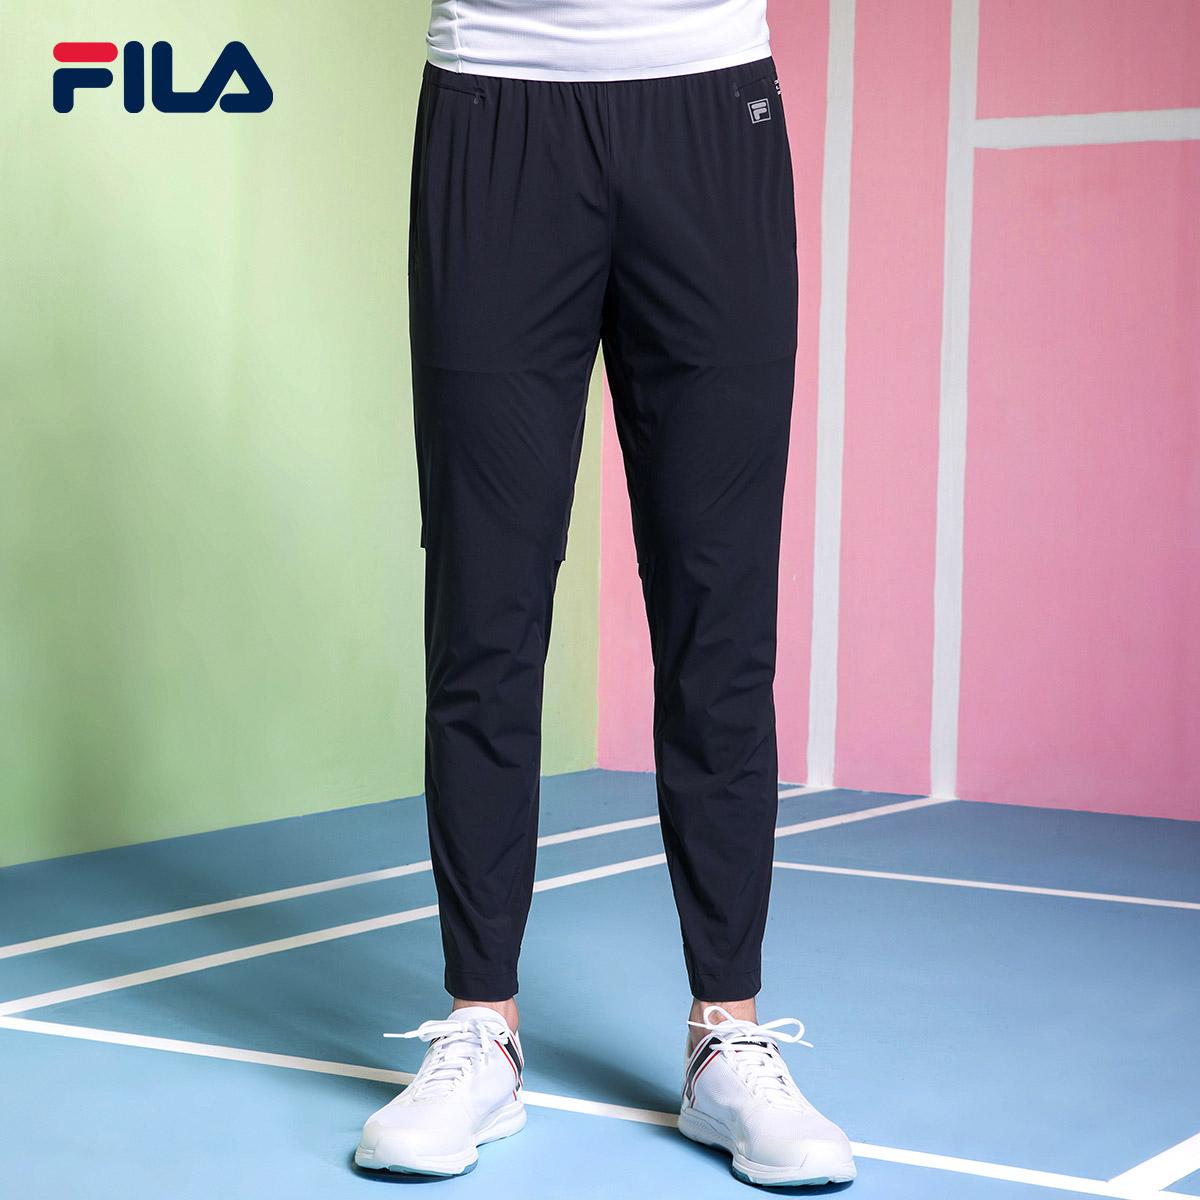 FILA斐乐男2018夏季新款耐磨透气梭织长裤休闲裤|F11M824801F